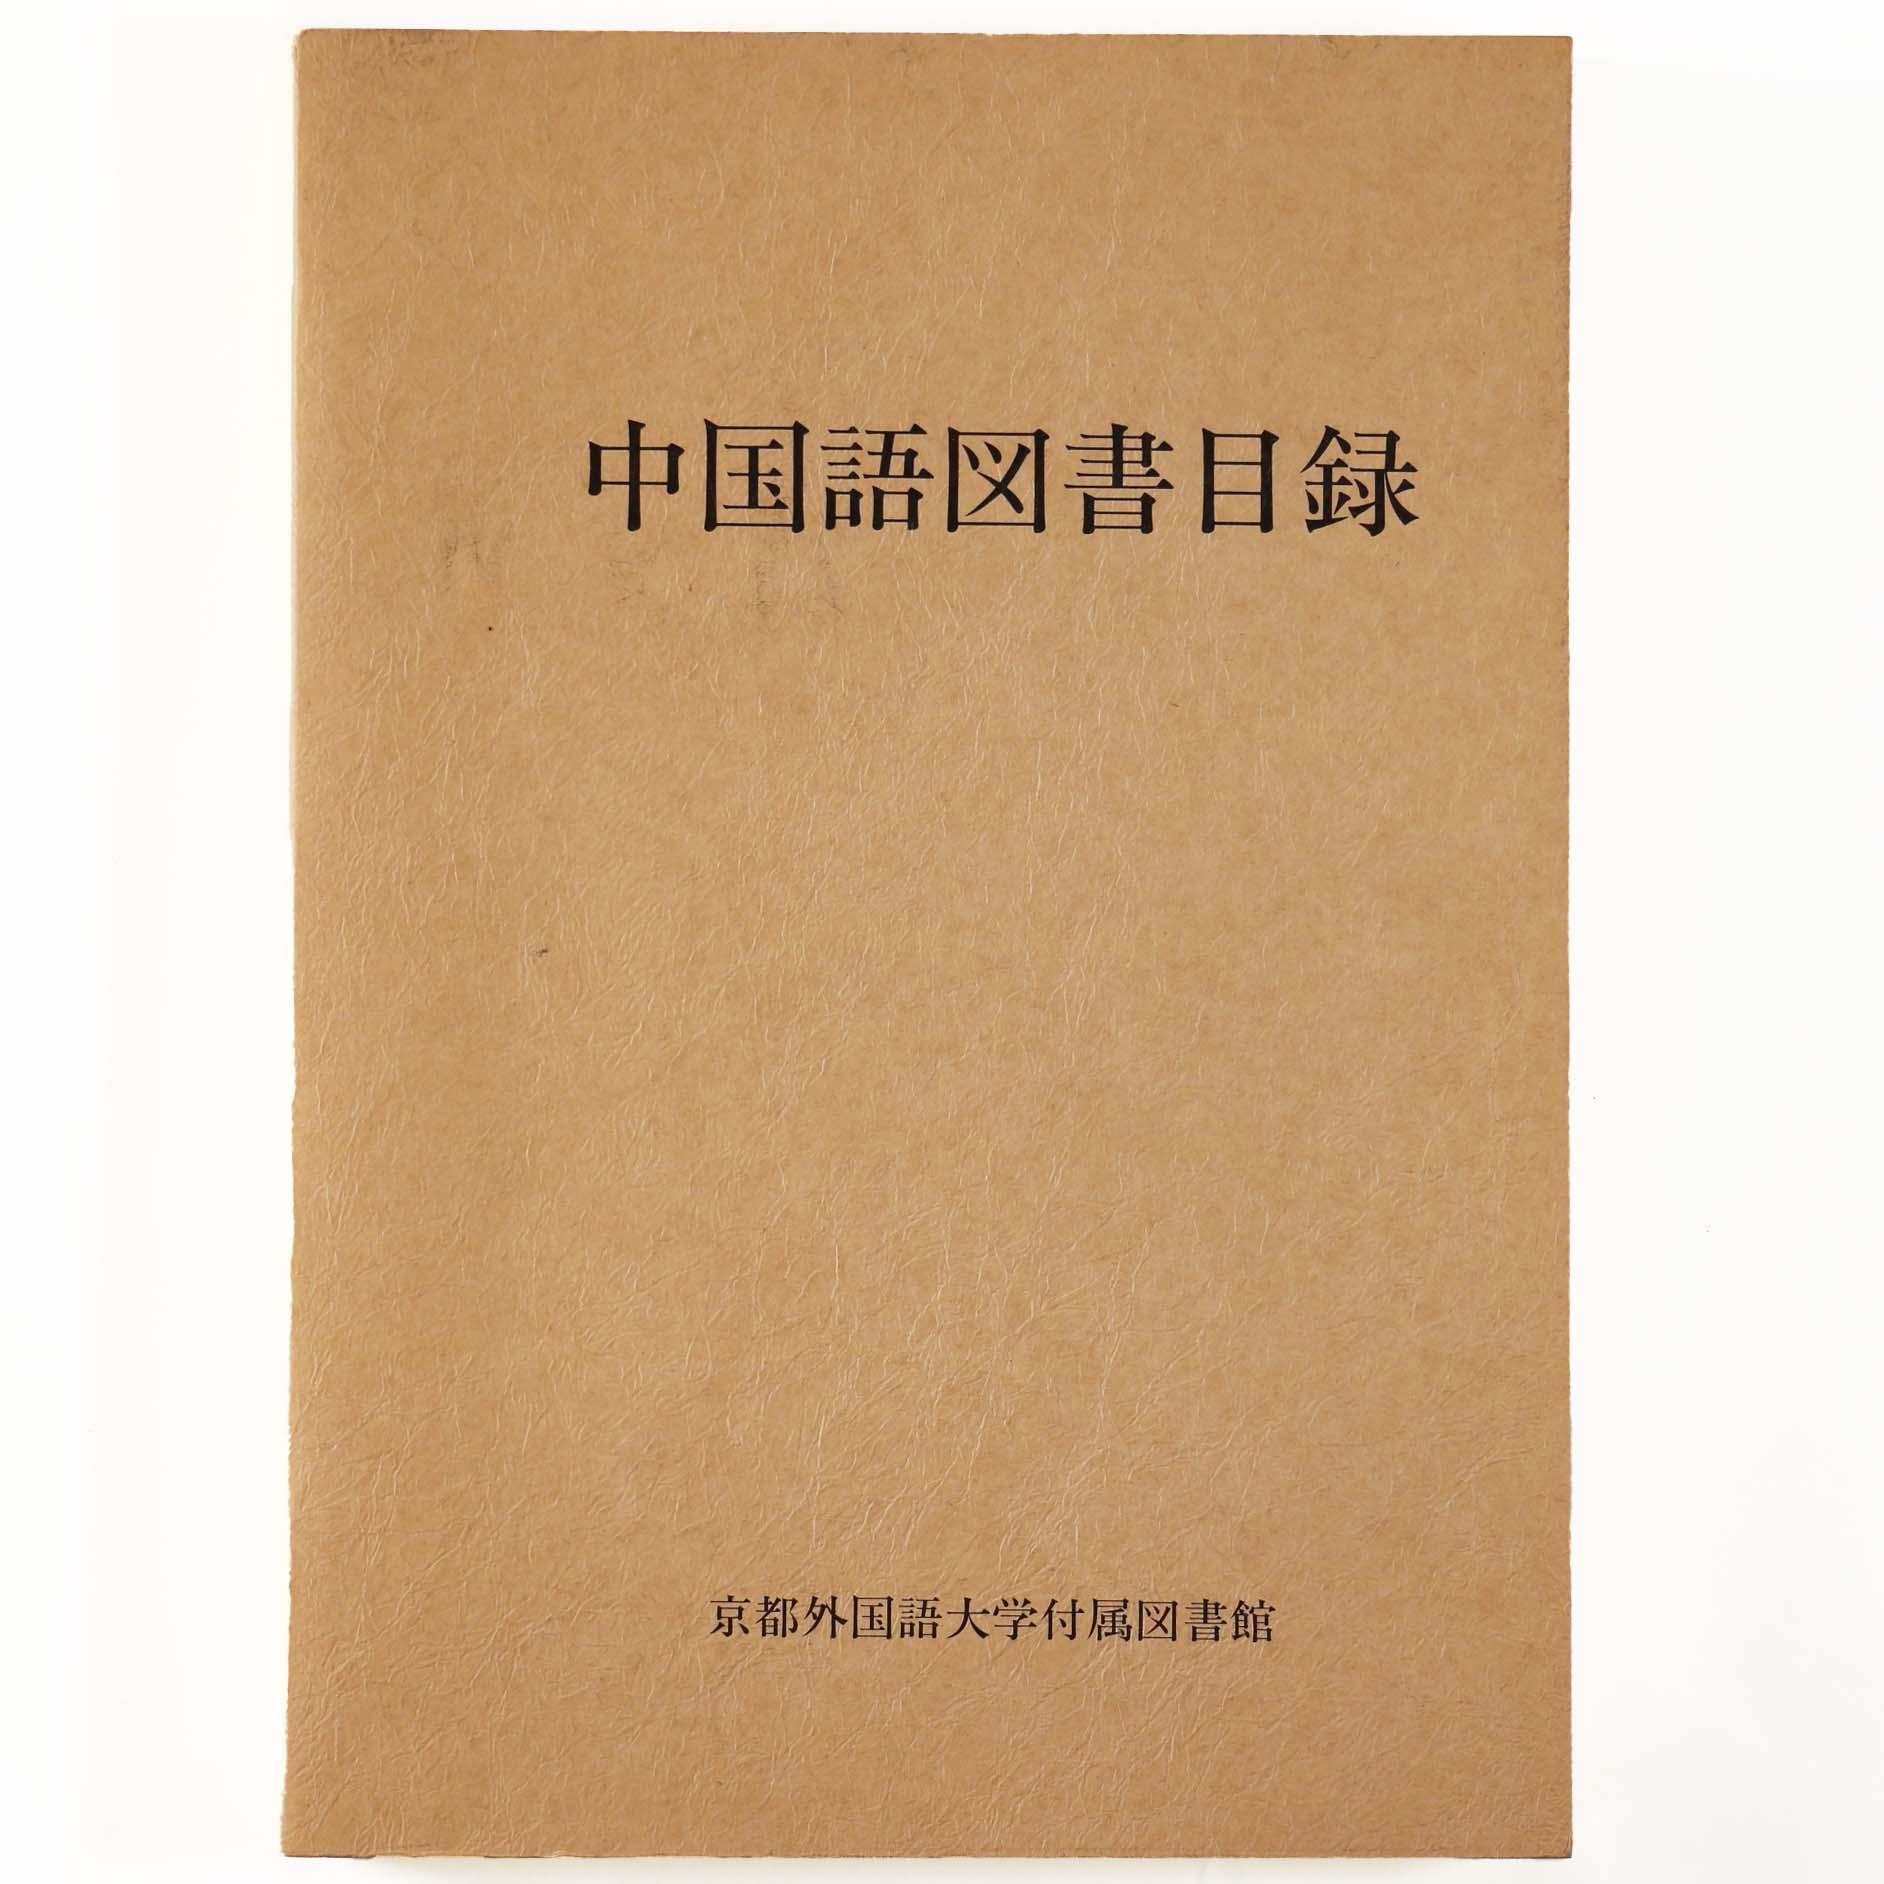 中国語図書目録